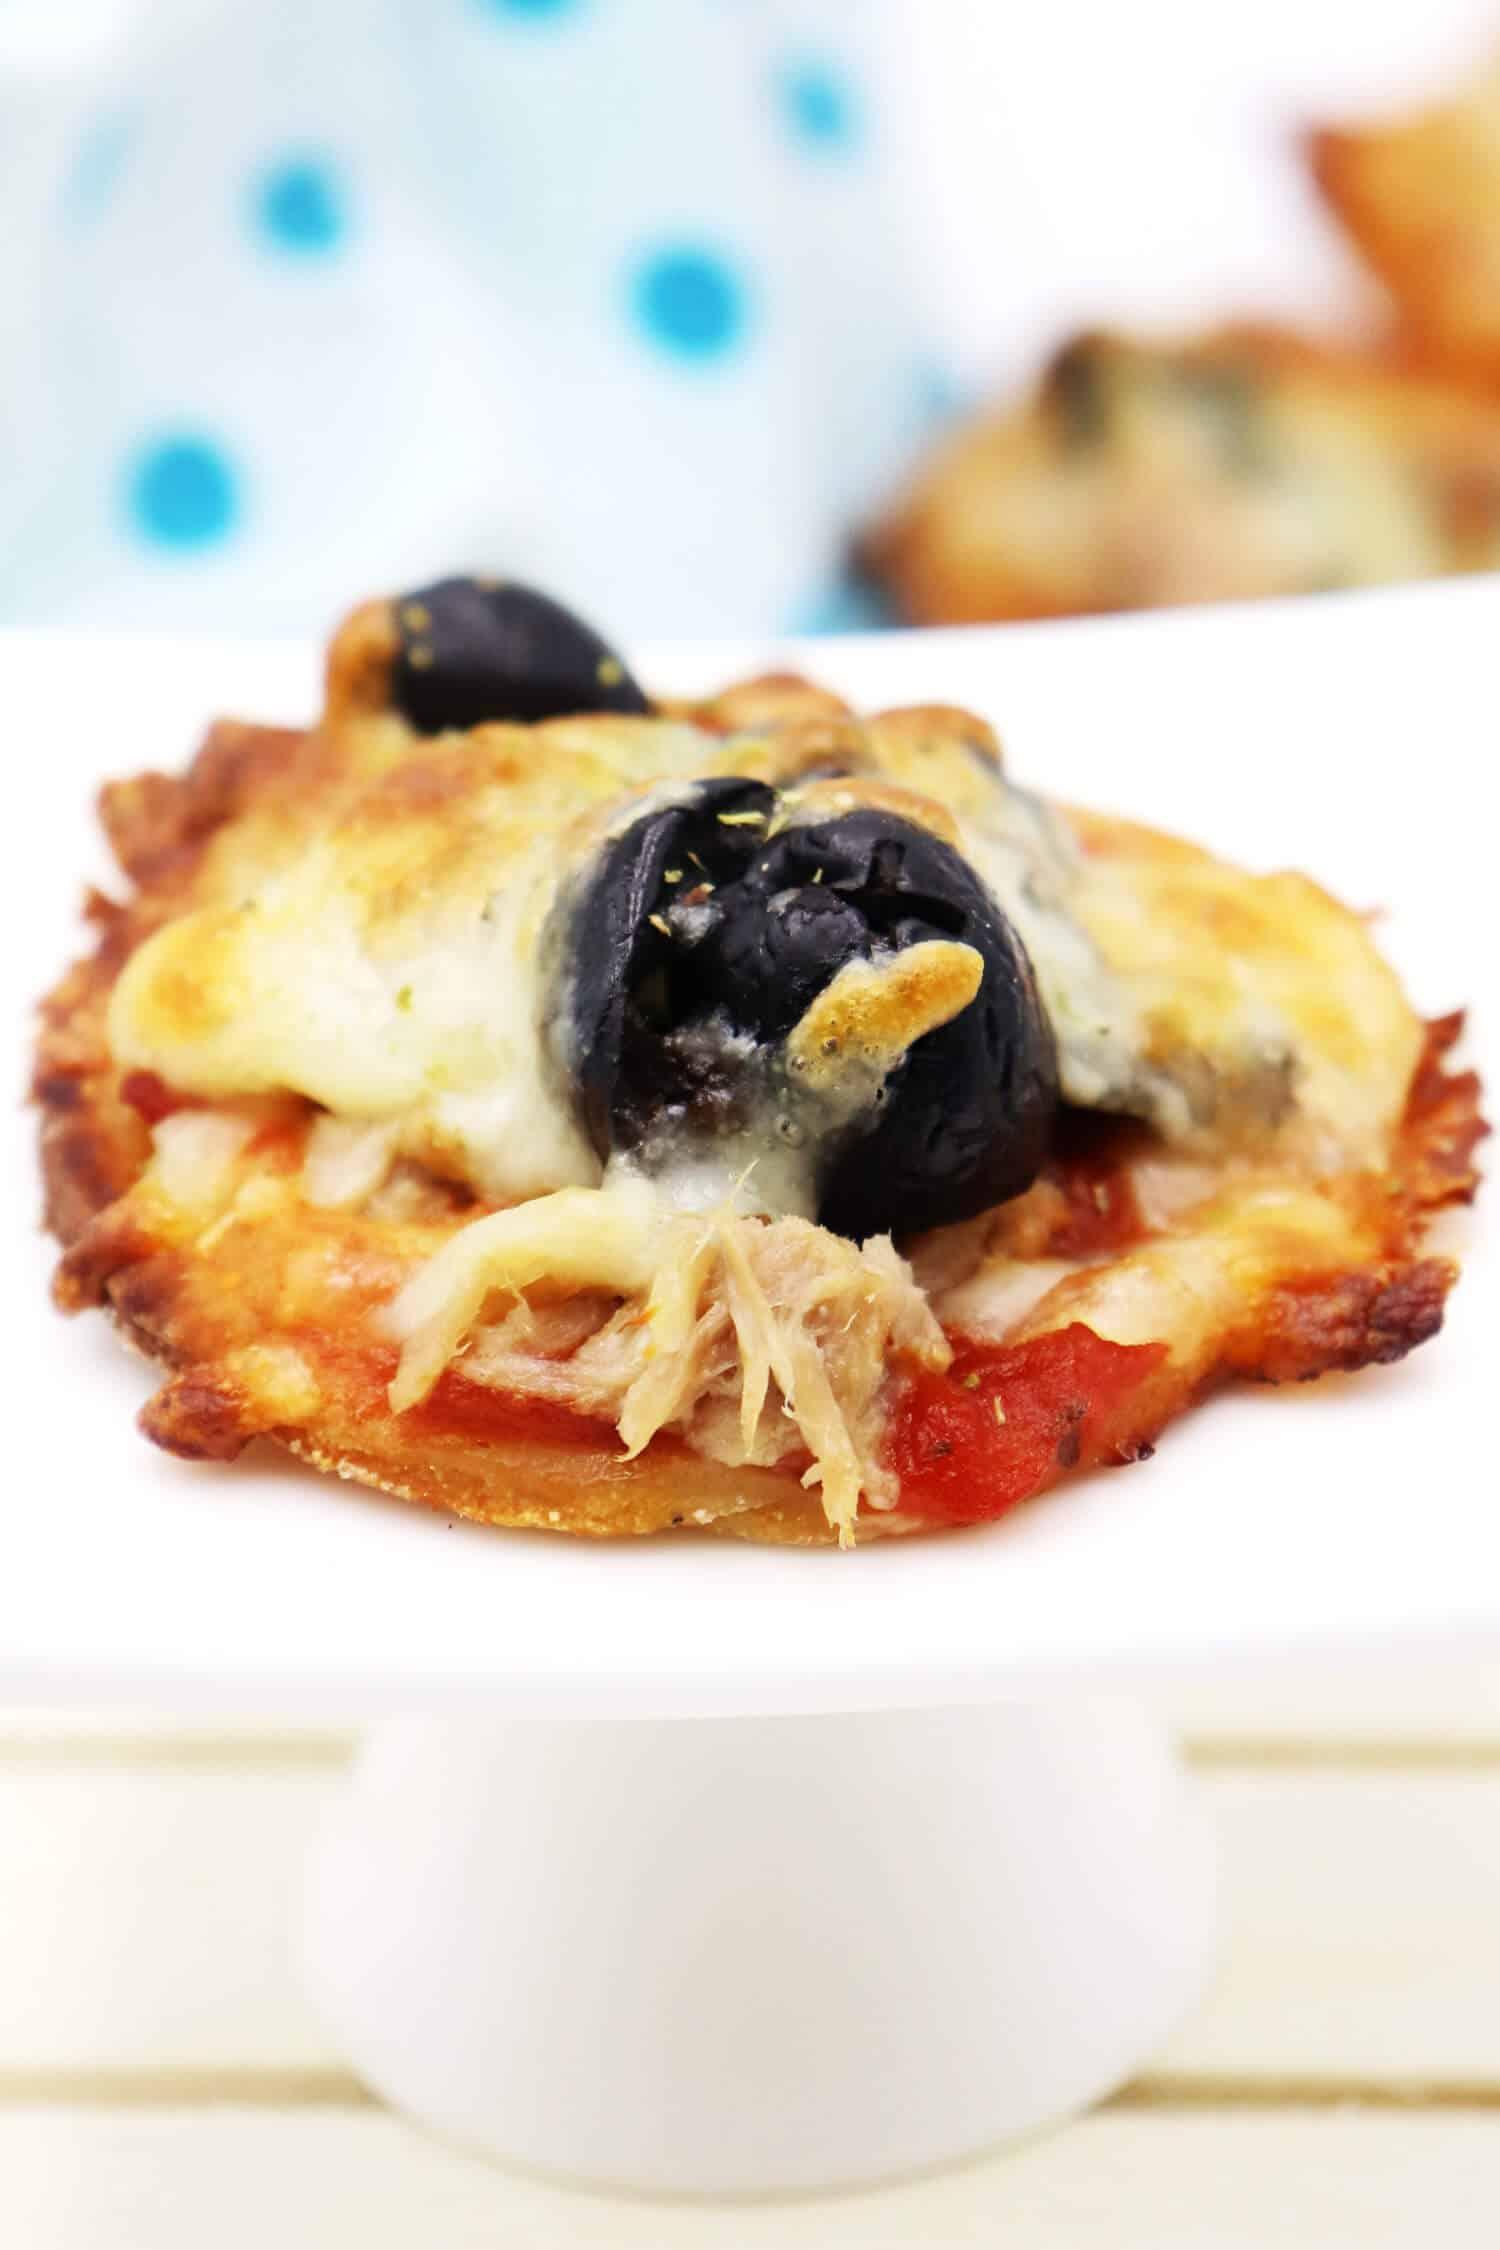 Low Carb Pizza ohne Kohlenhydrate mit Thunfisch und Oliven aus einem Quark-Öl-Teig ohne Kohlenhydrate backen